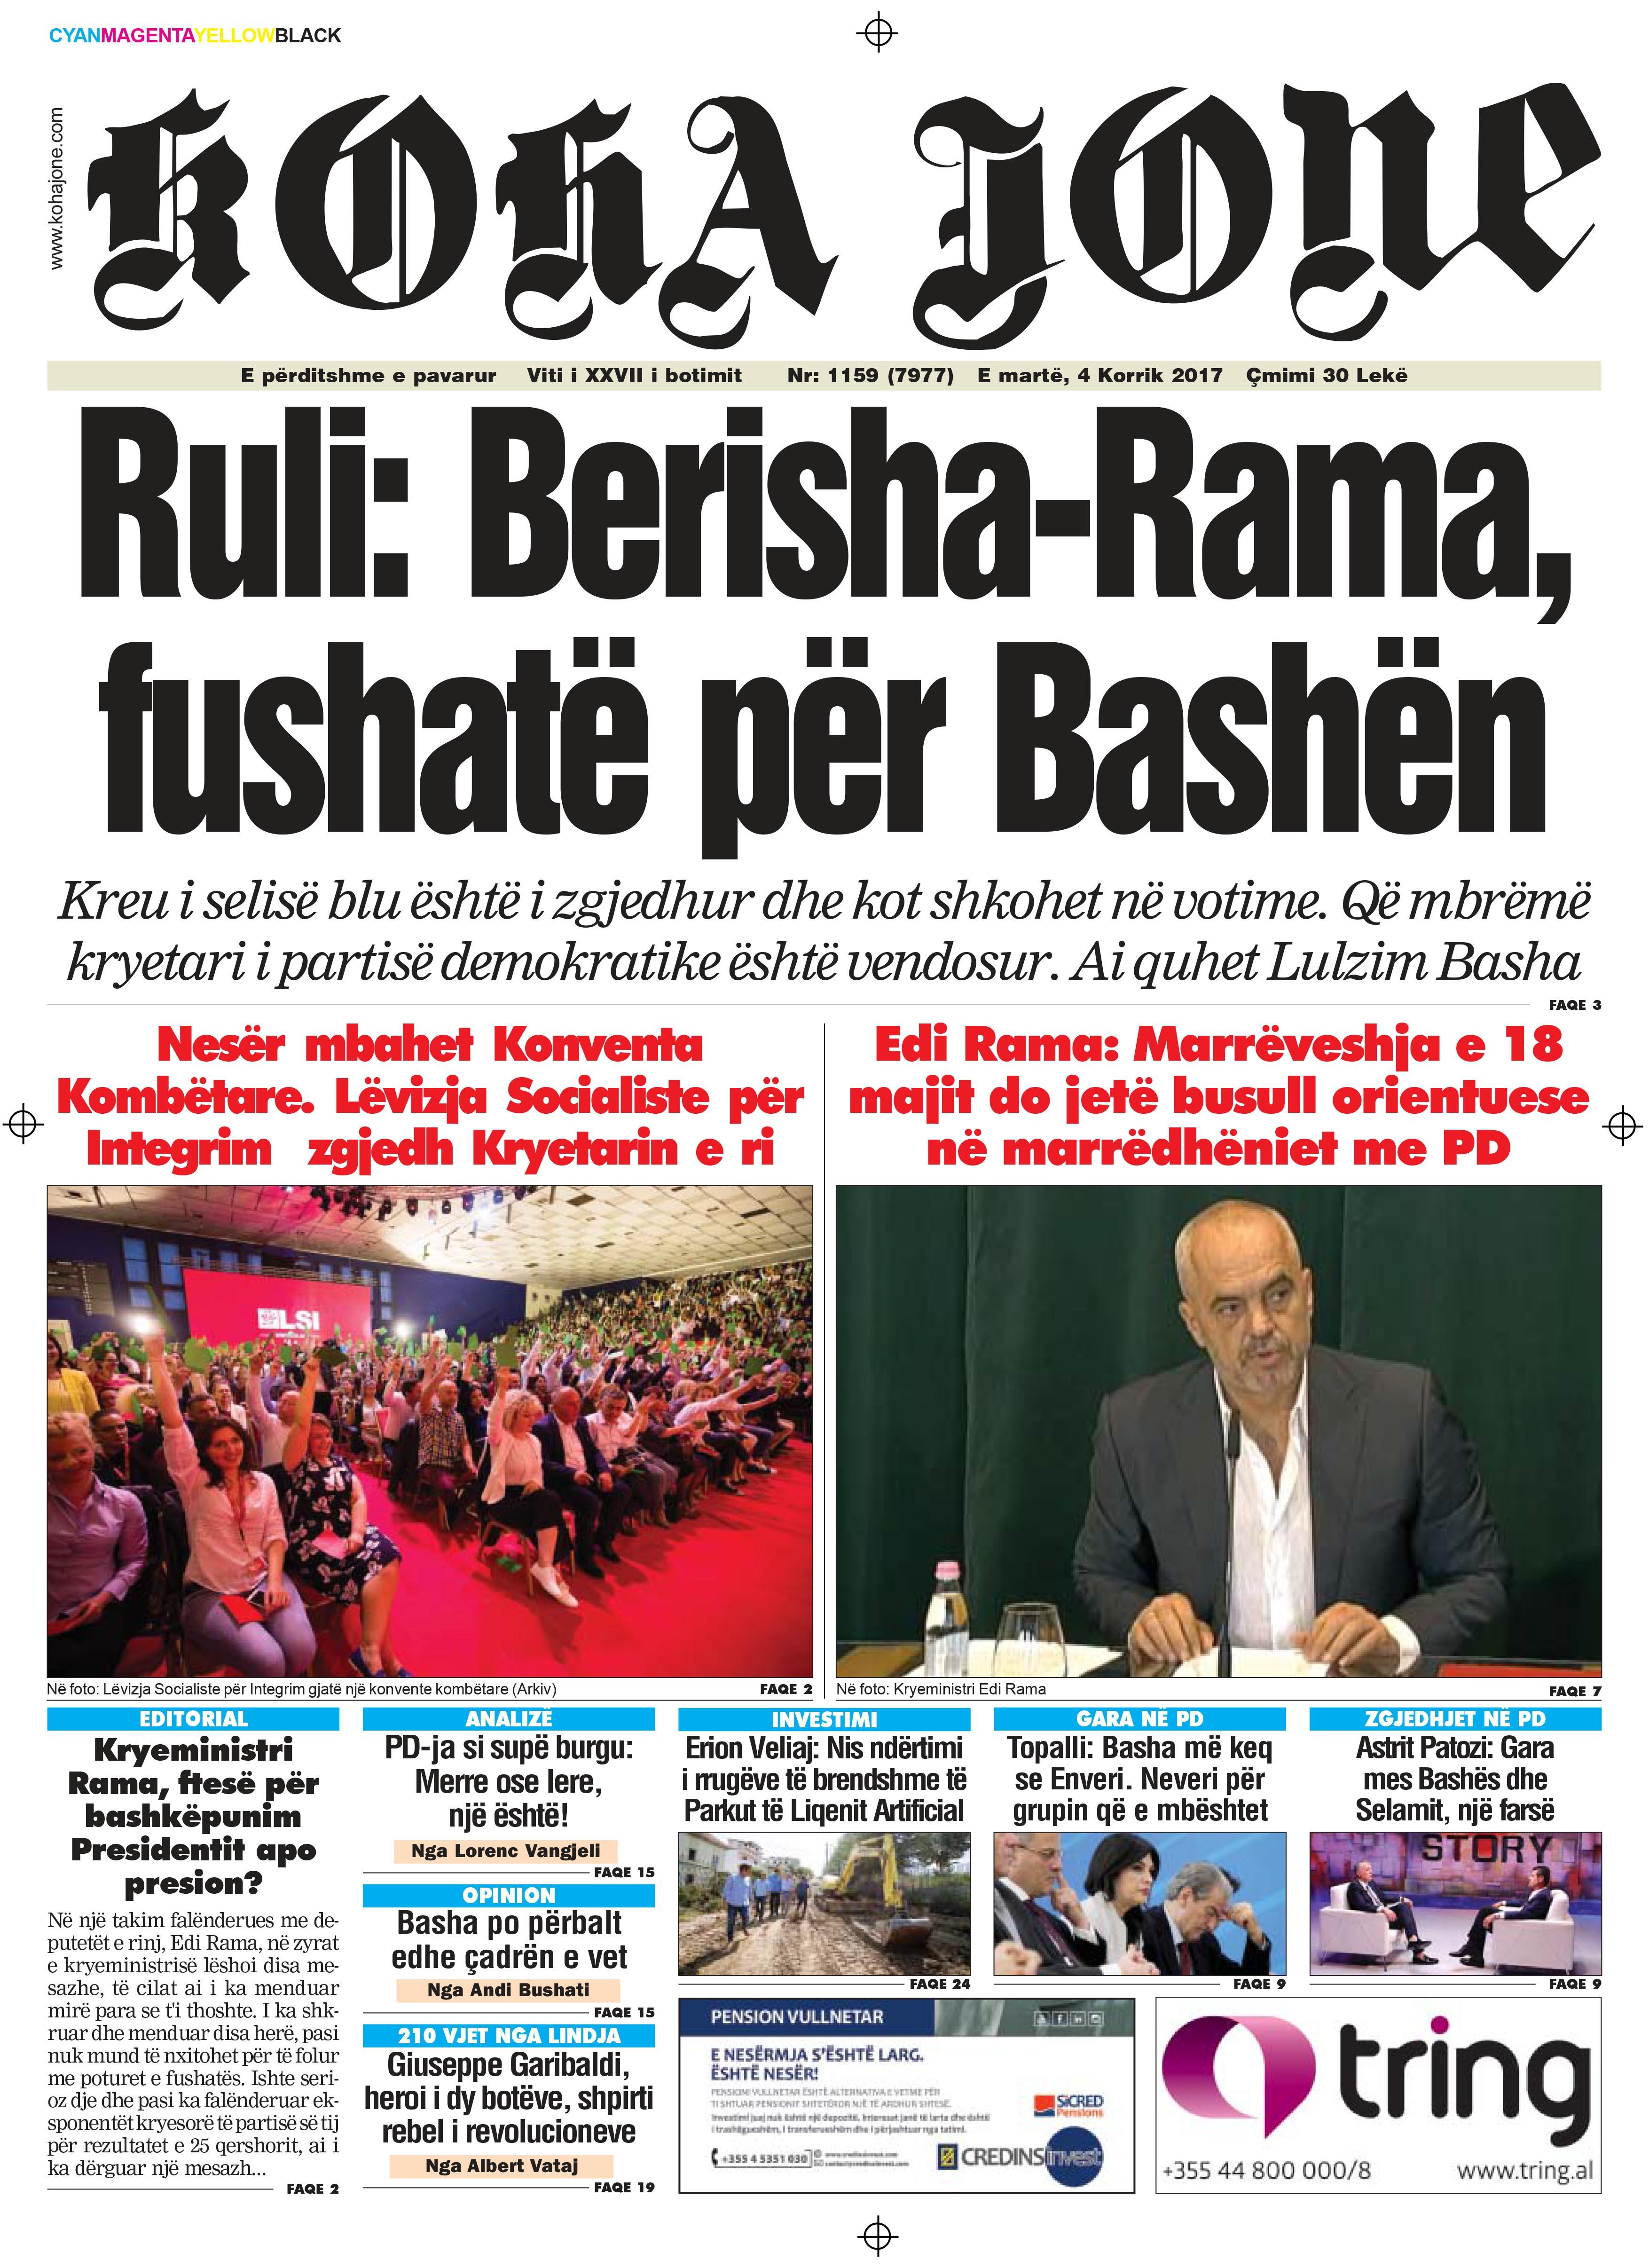 Gazeta kohajone sot 13 gusht 2016